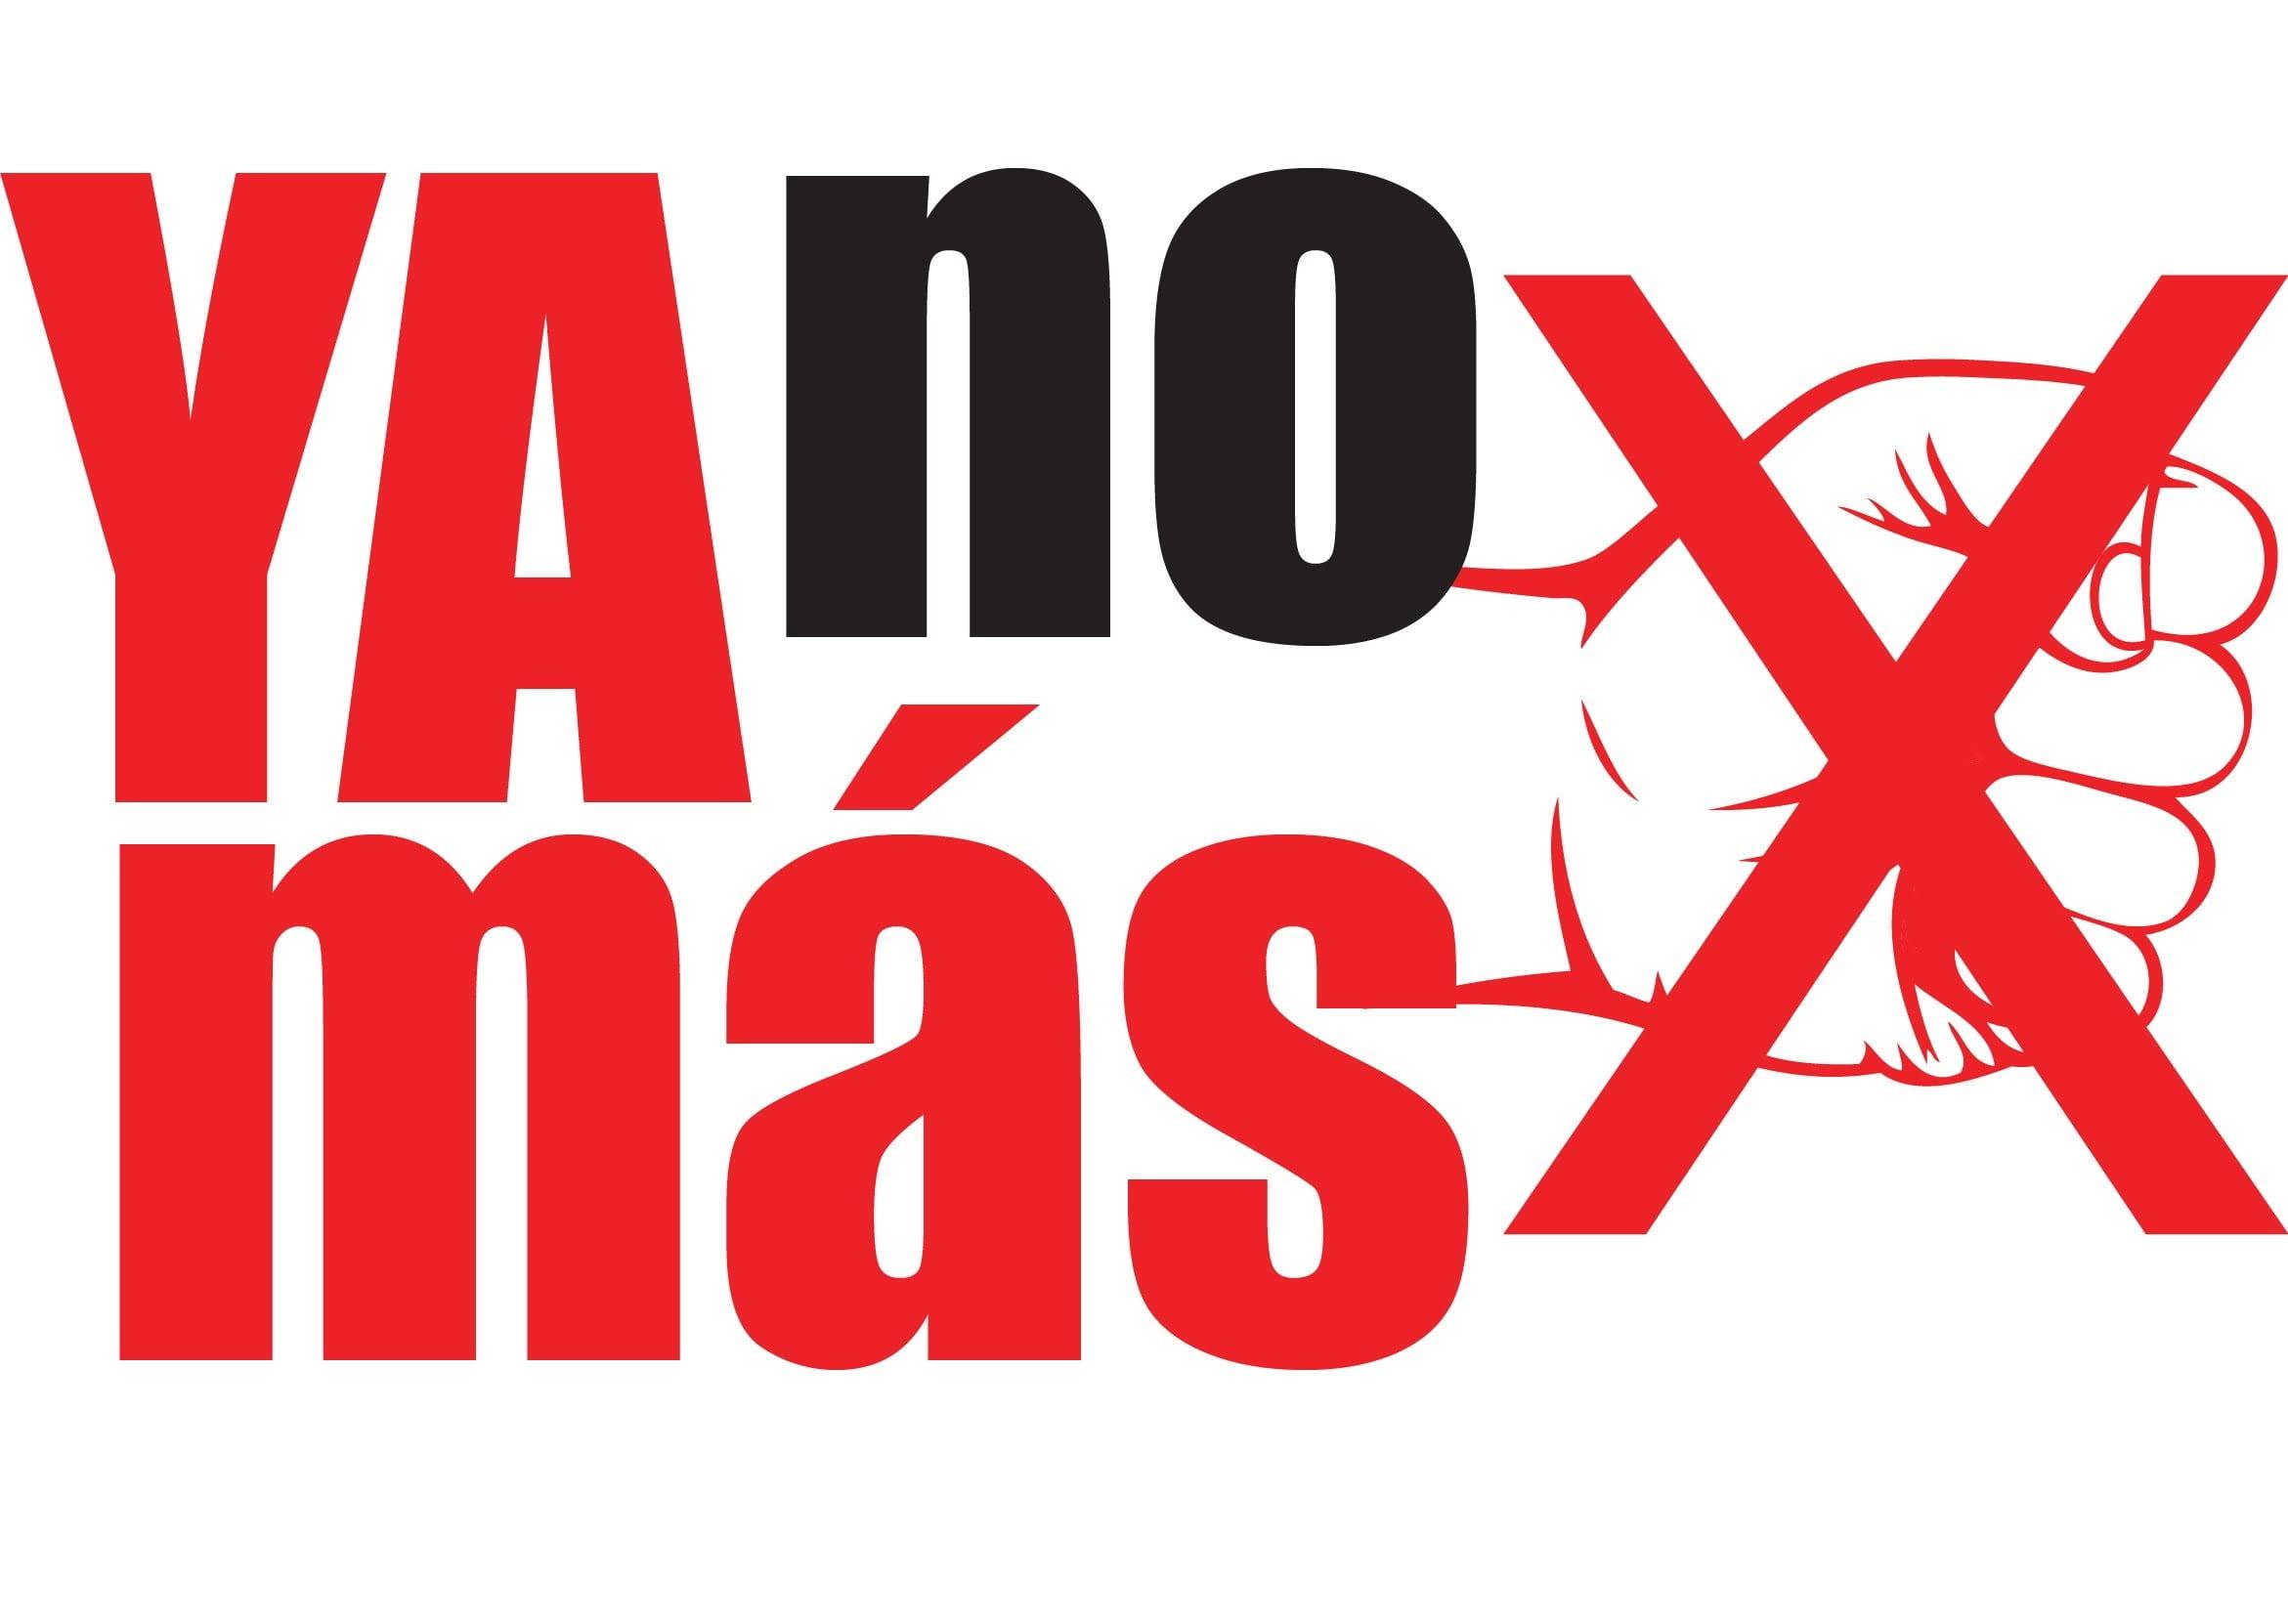 Preocupa la violencia existente en Malargüe